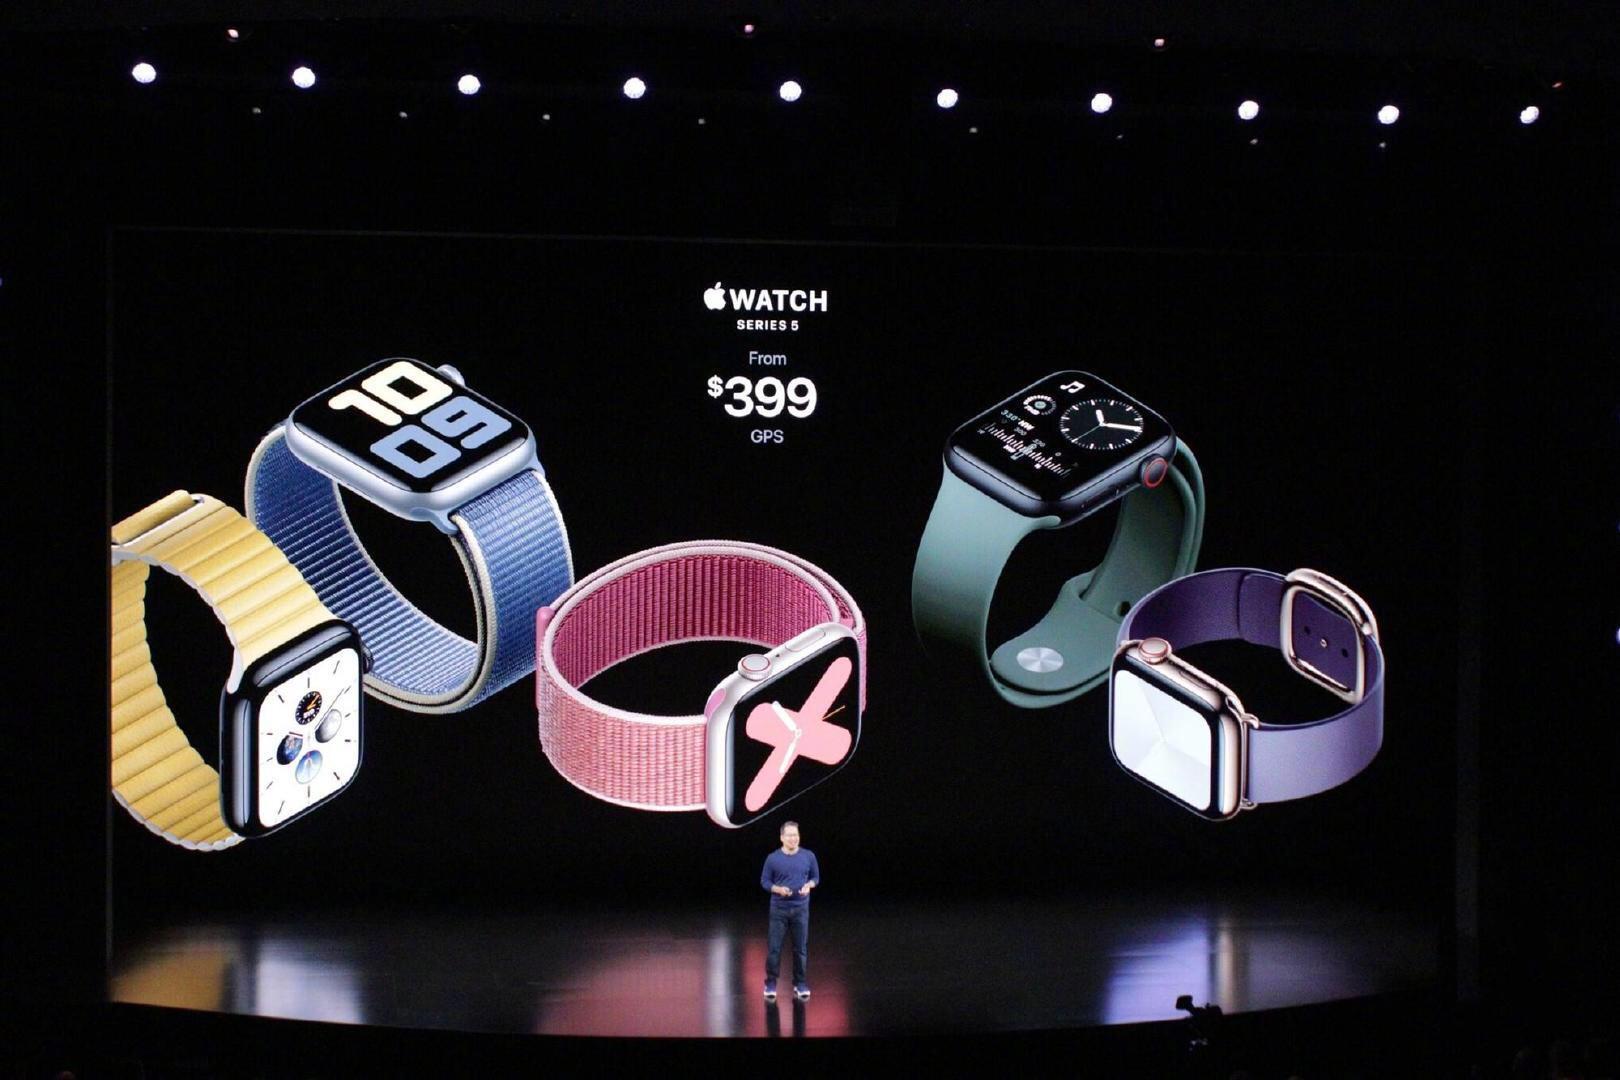 一文看2019苹果秋季新品,iPhone 11起售价5499元的照片 - 9